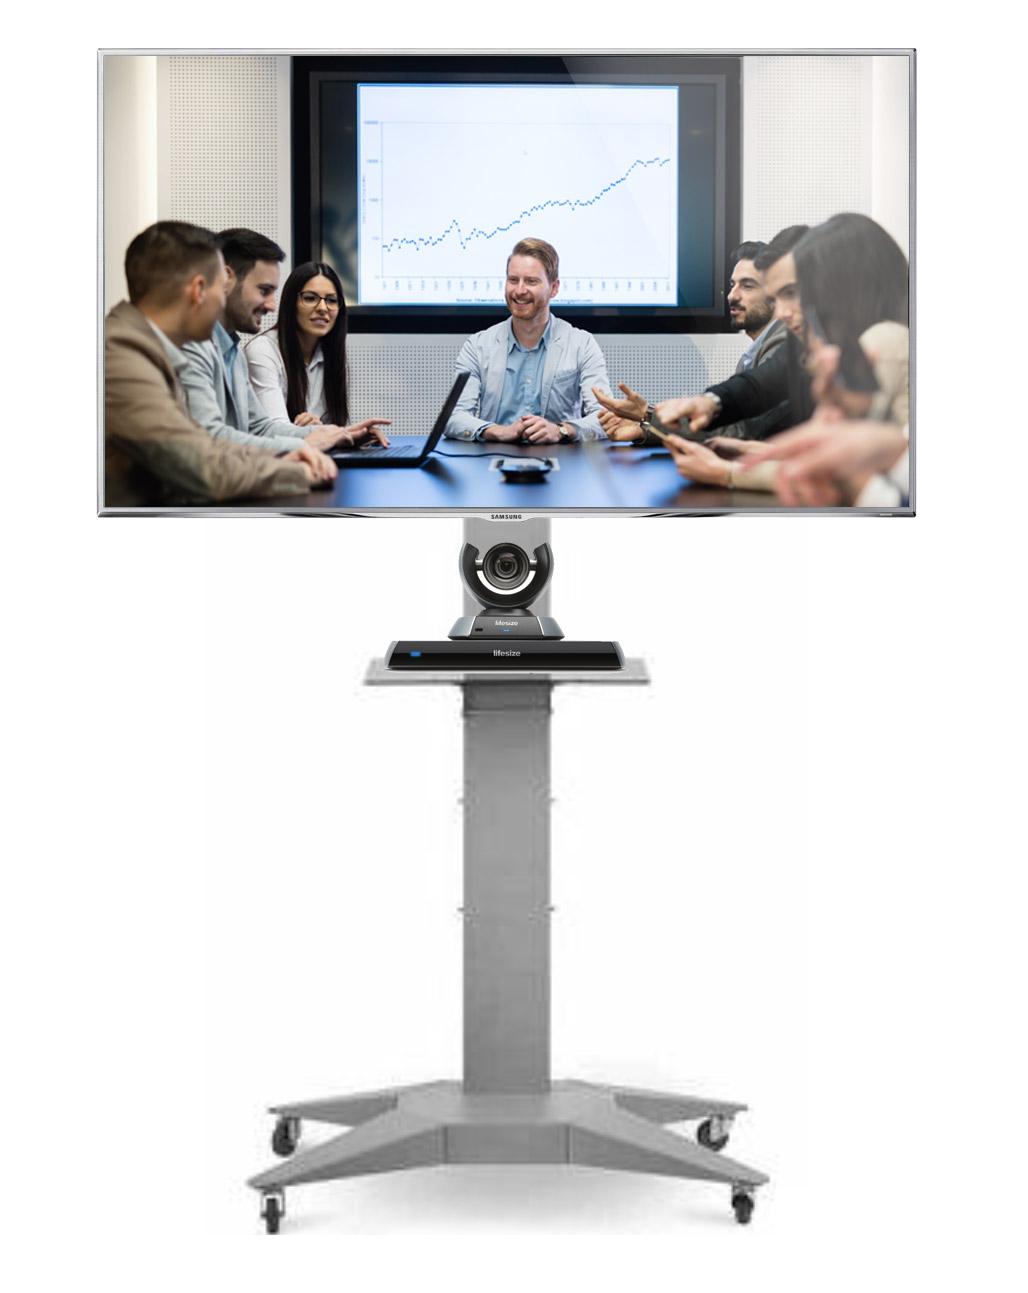 Carrello per videoconferenze